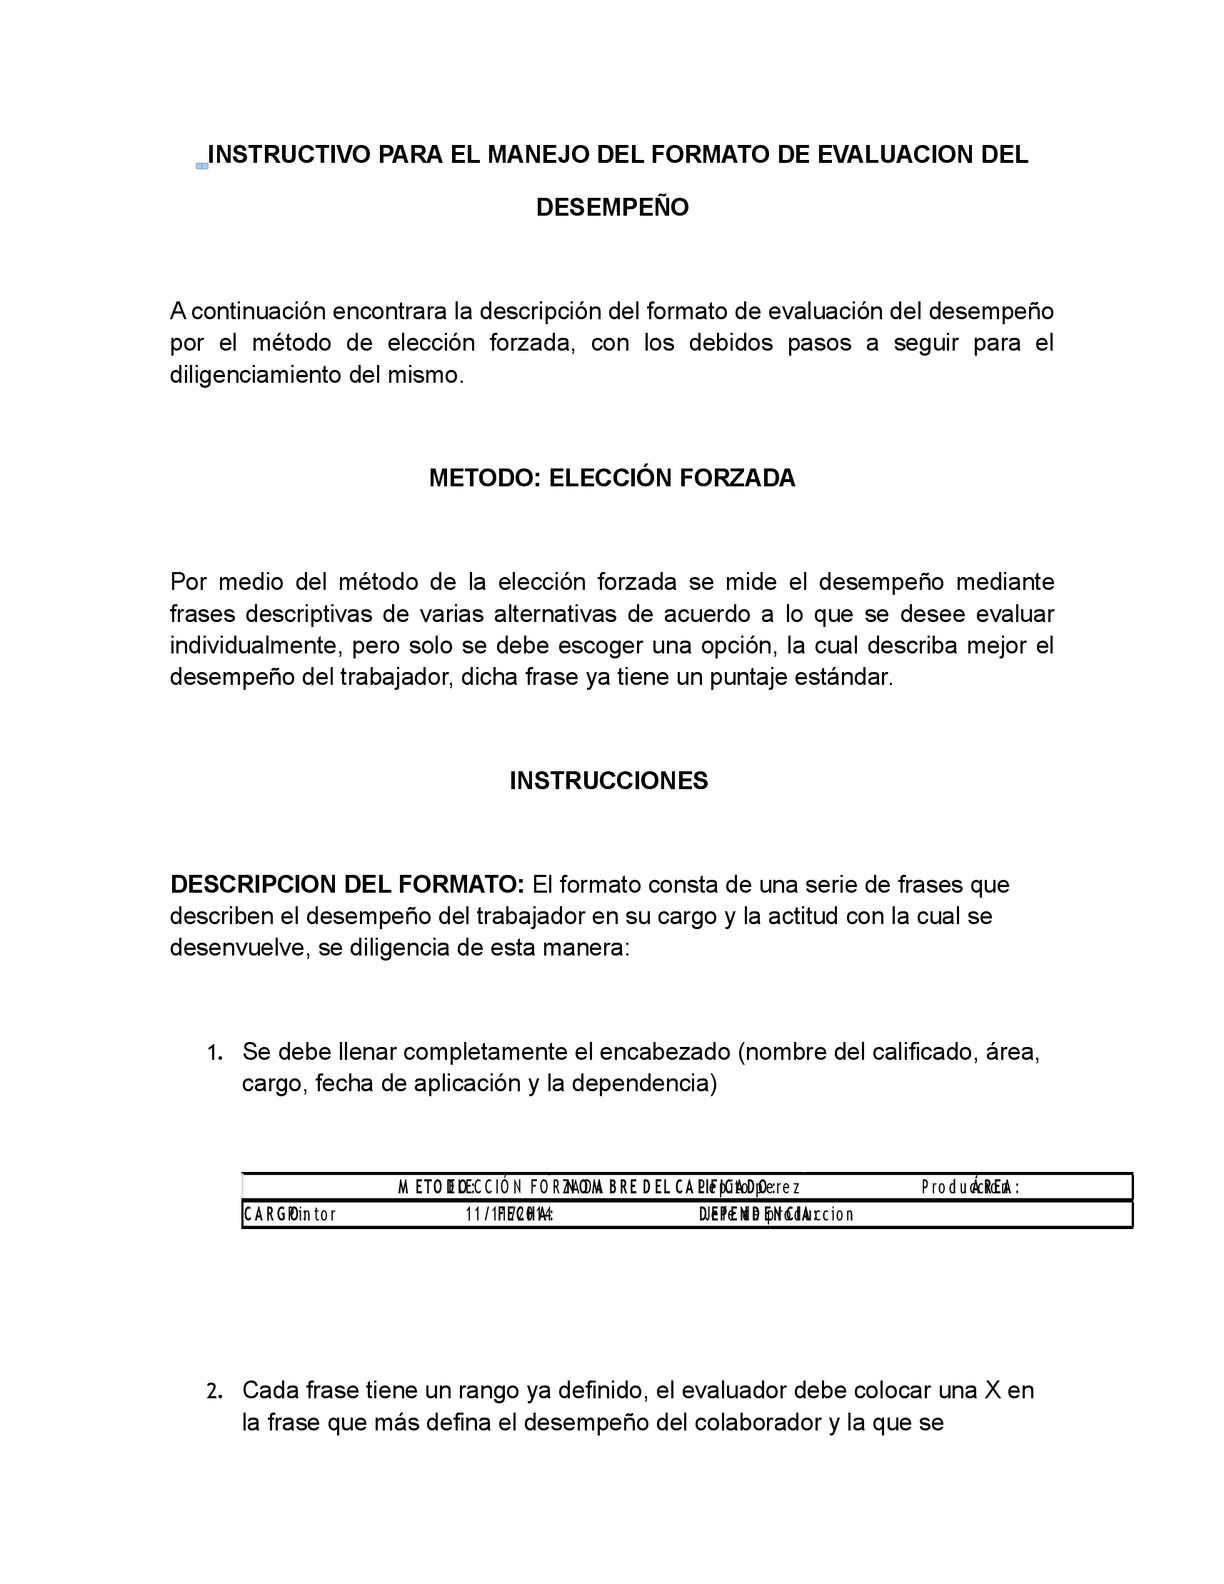 Calaméo - Instructivo Formato De Evaluacion Del Desempeño (1)